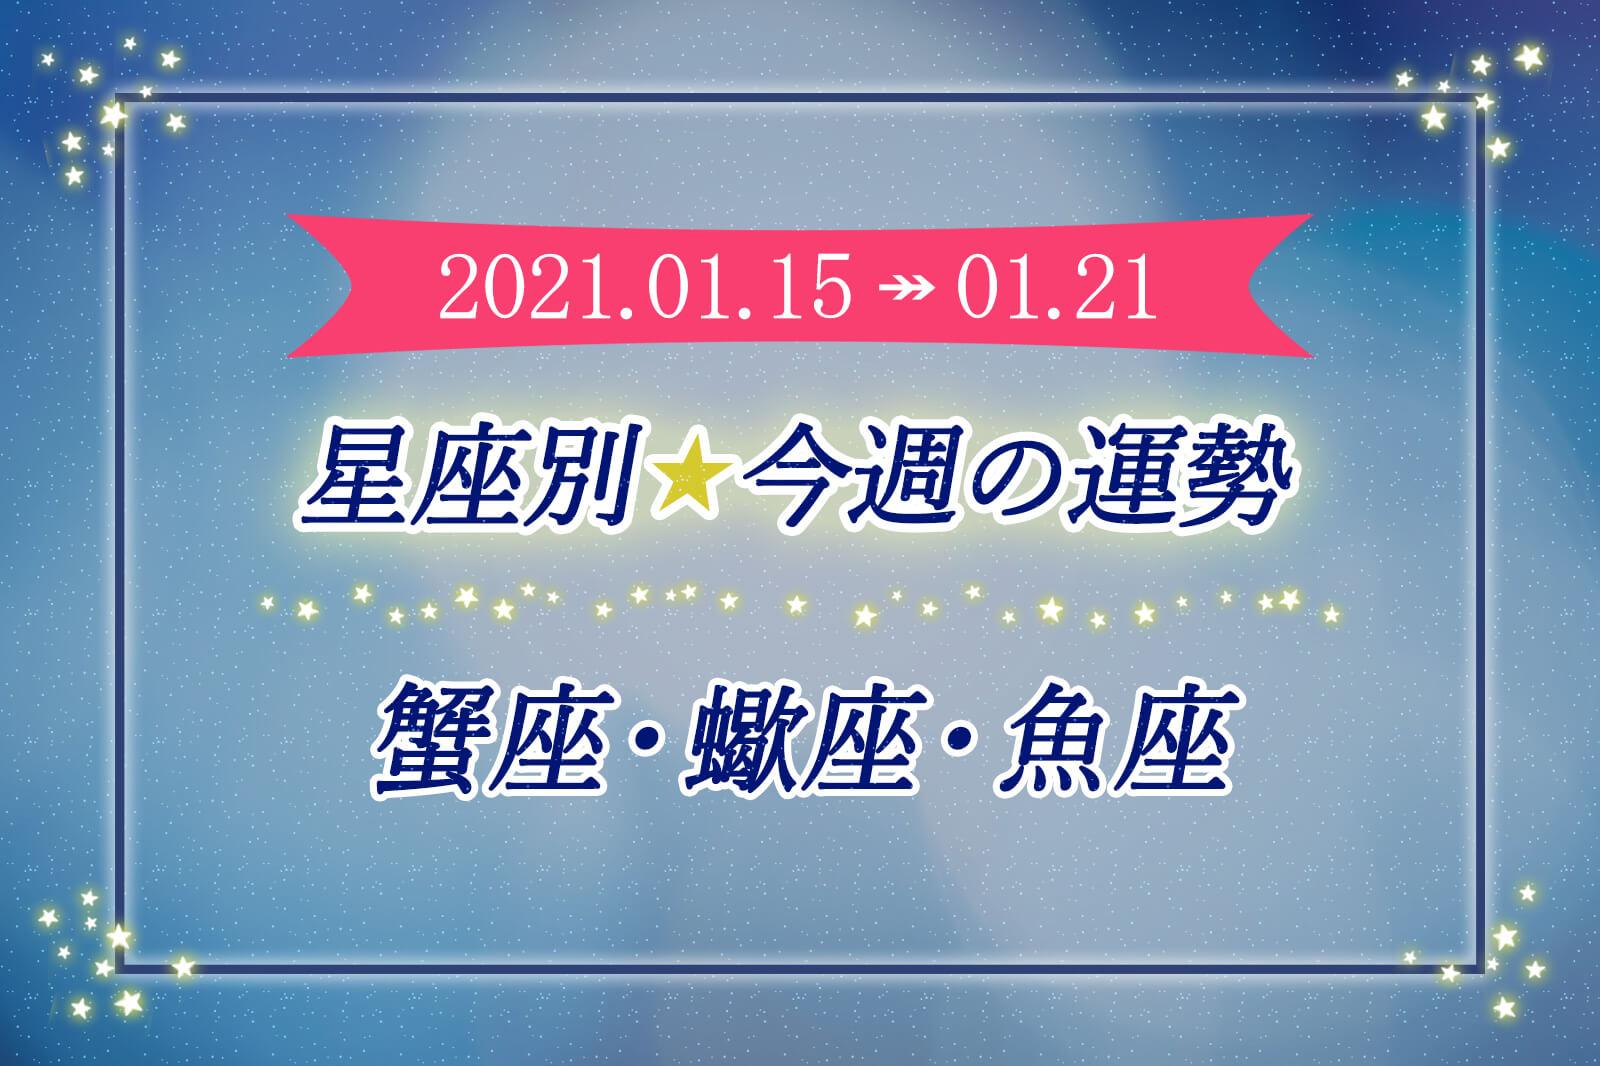 ≪蟹座/蠍座/魚座≫月の動きで見る1週間の心の変化*1月15日 ~ 1月21日